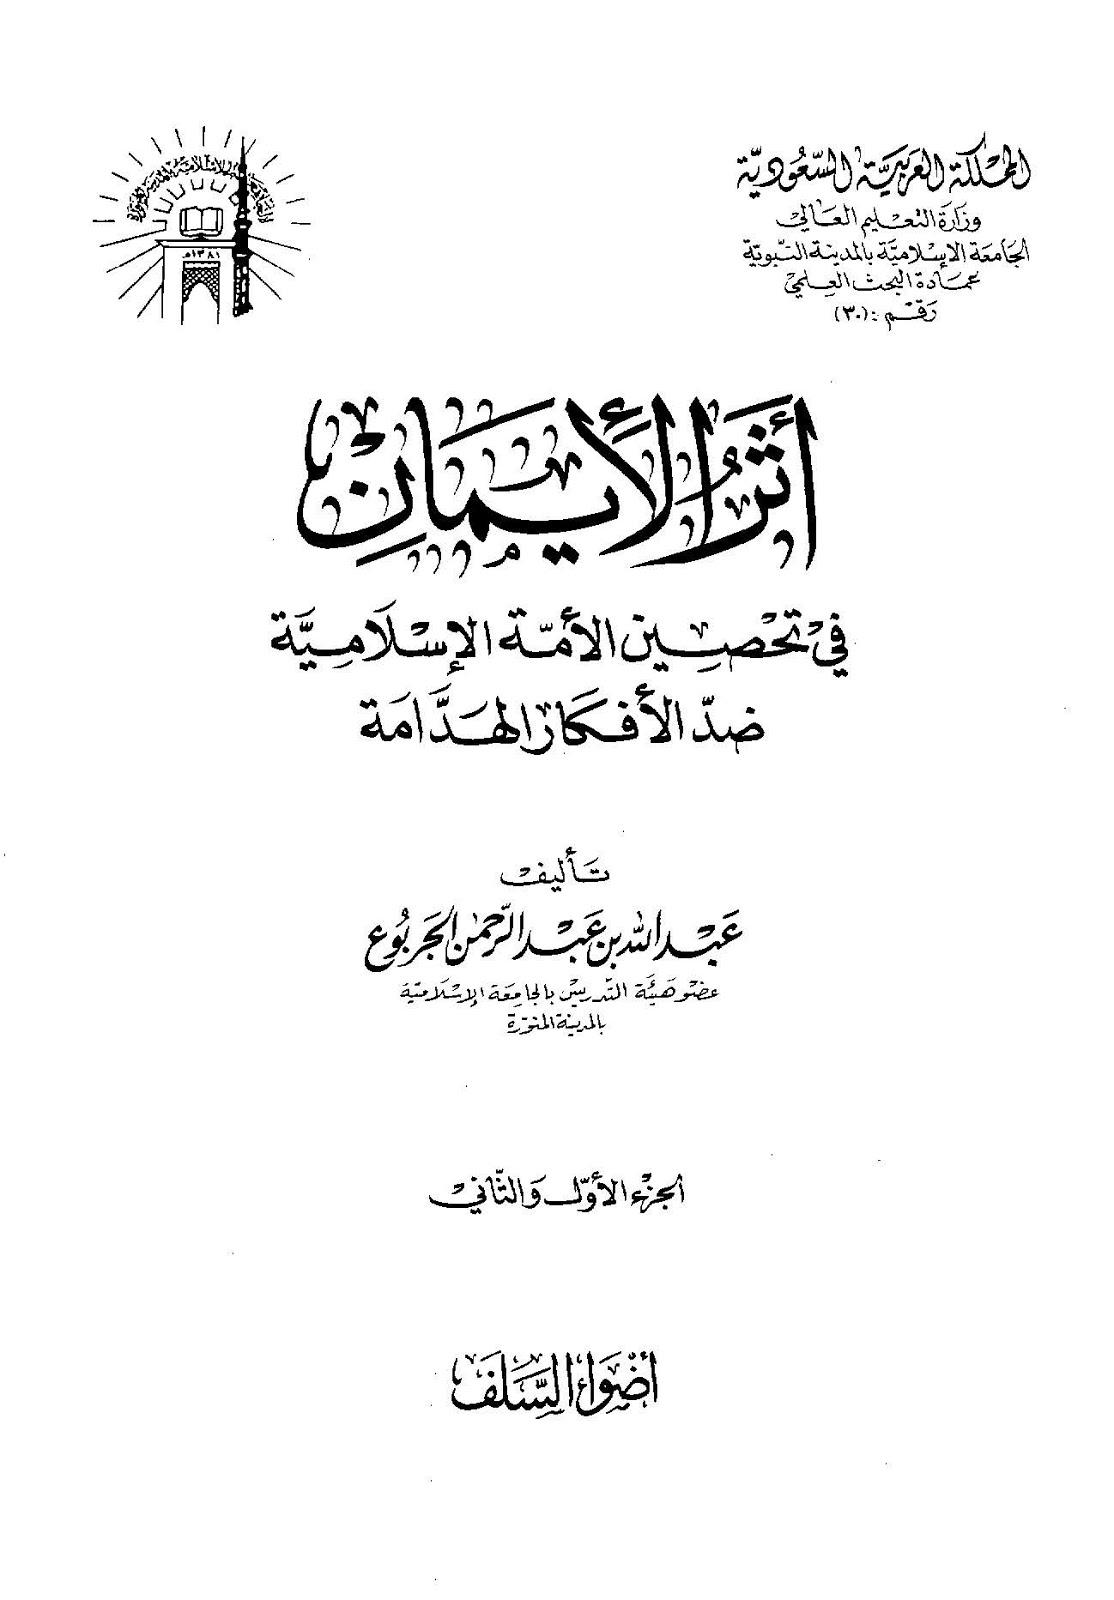 أثر الإيمان في تحصين الأمة الإسلامية ضد الأفكار الهدامة - عبد الله الجربوع pdf